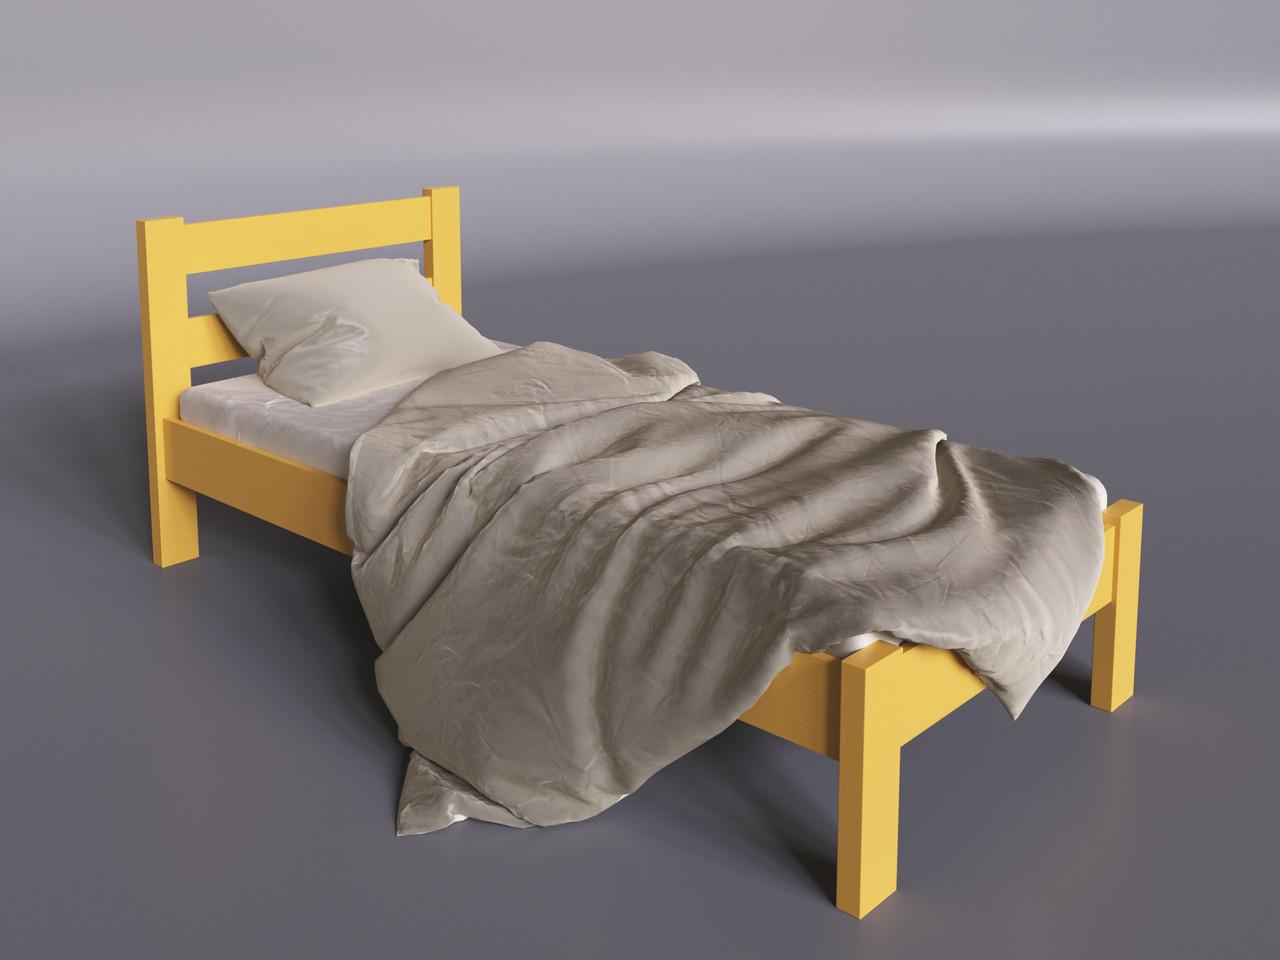 Дилайт-мини кровать Sentenzo 80х190 см желтая